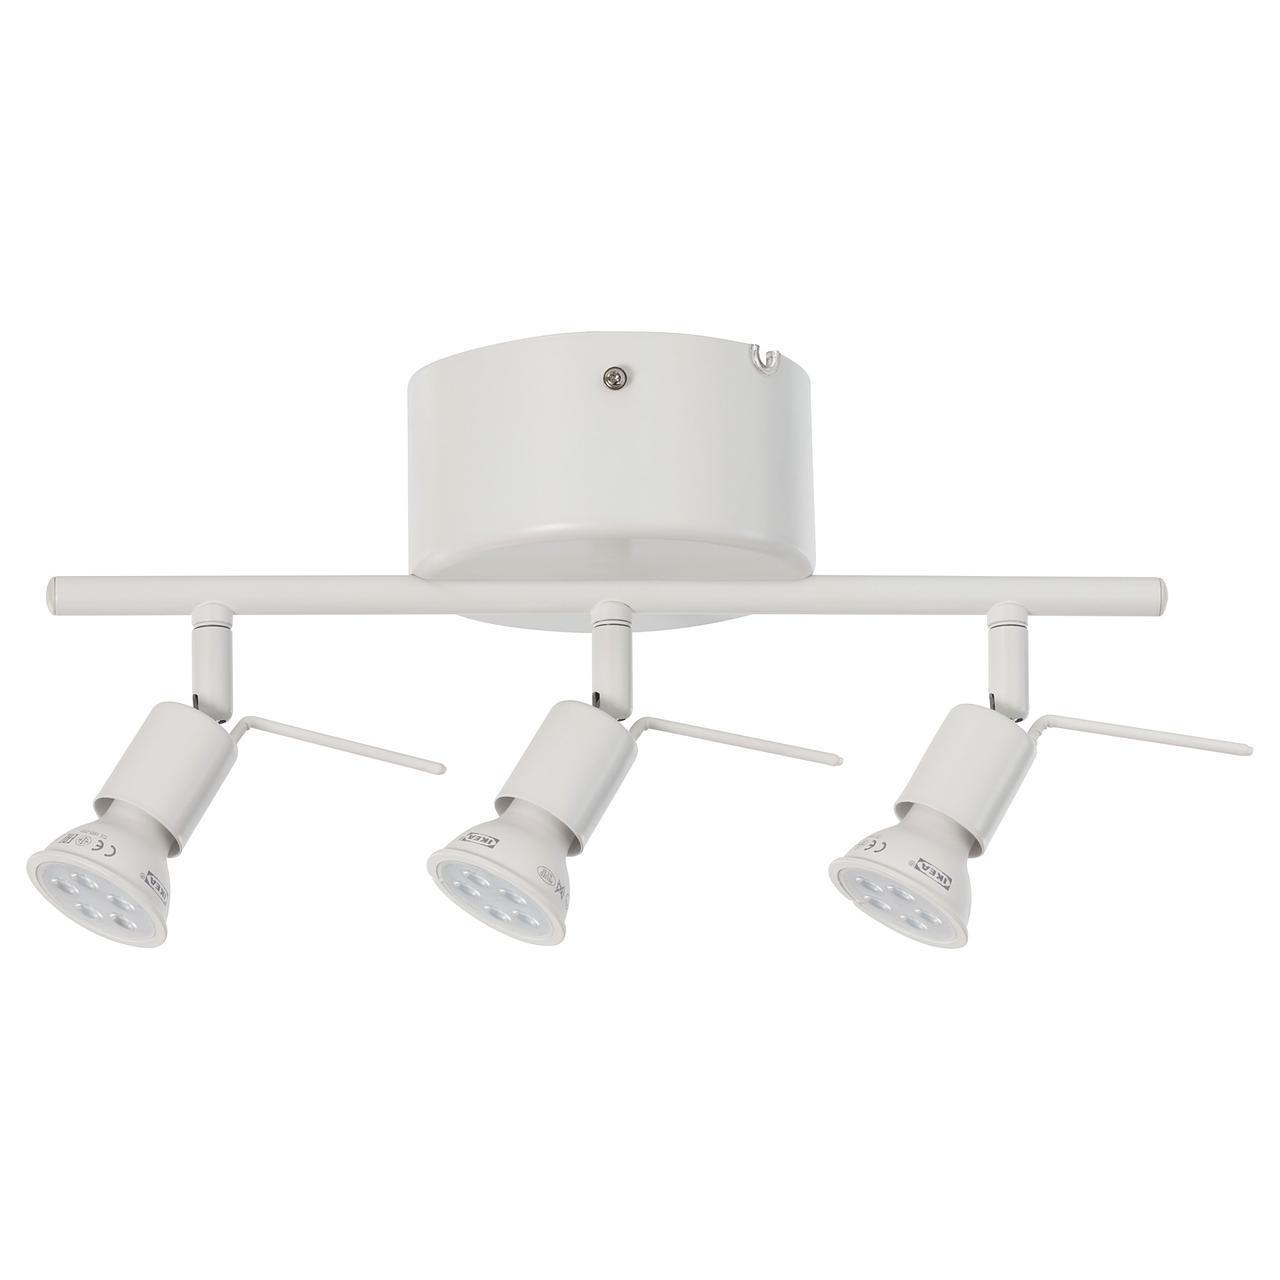 IKEA TROSS Потолочный светильник, 3 прожектора, белый  (602.626.59)